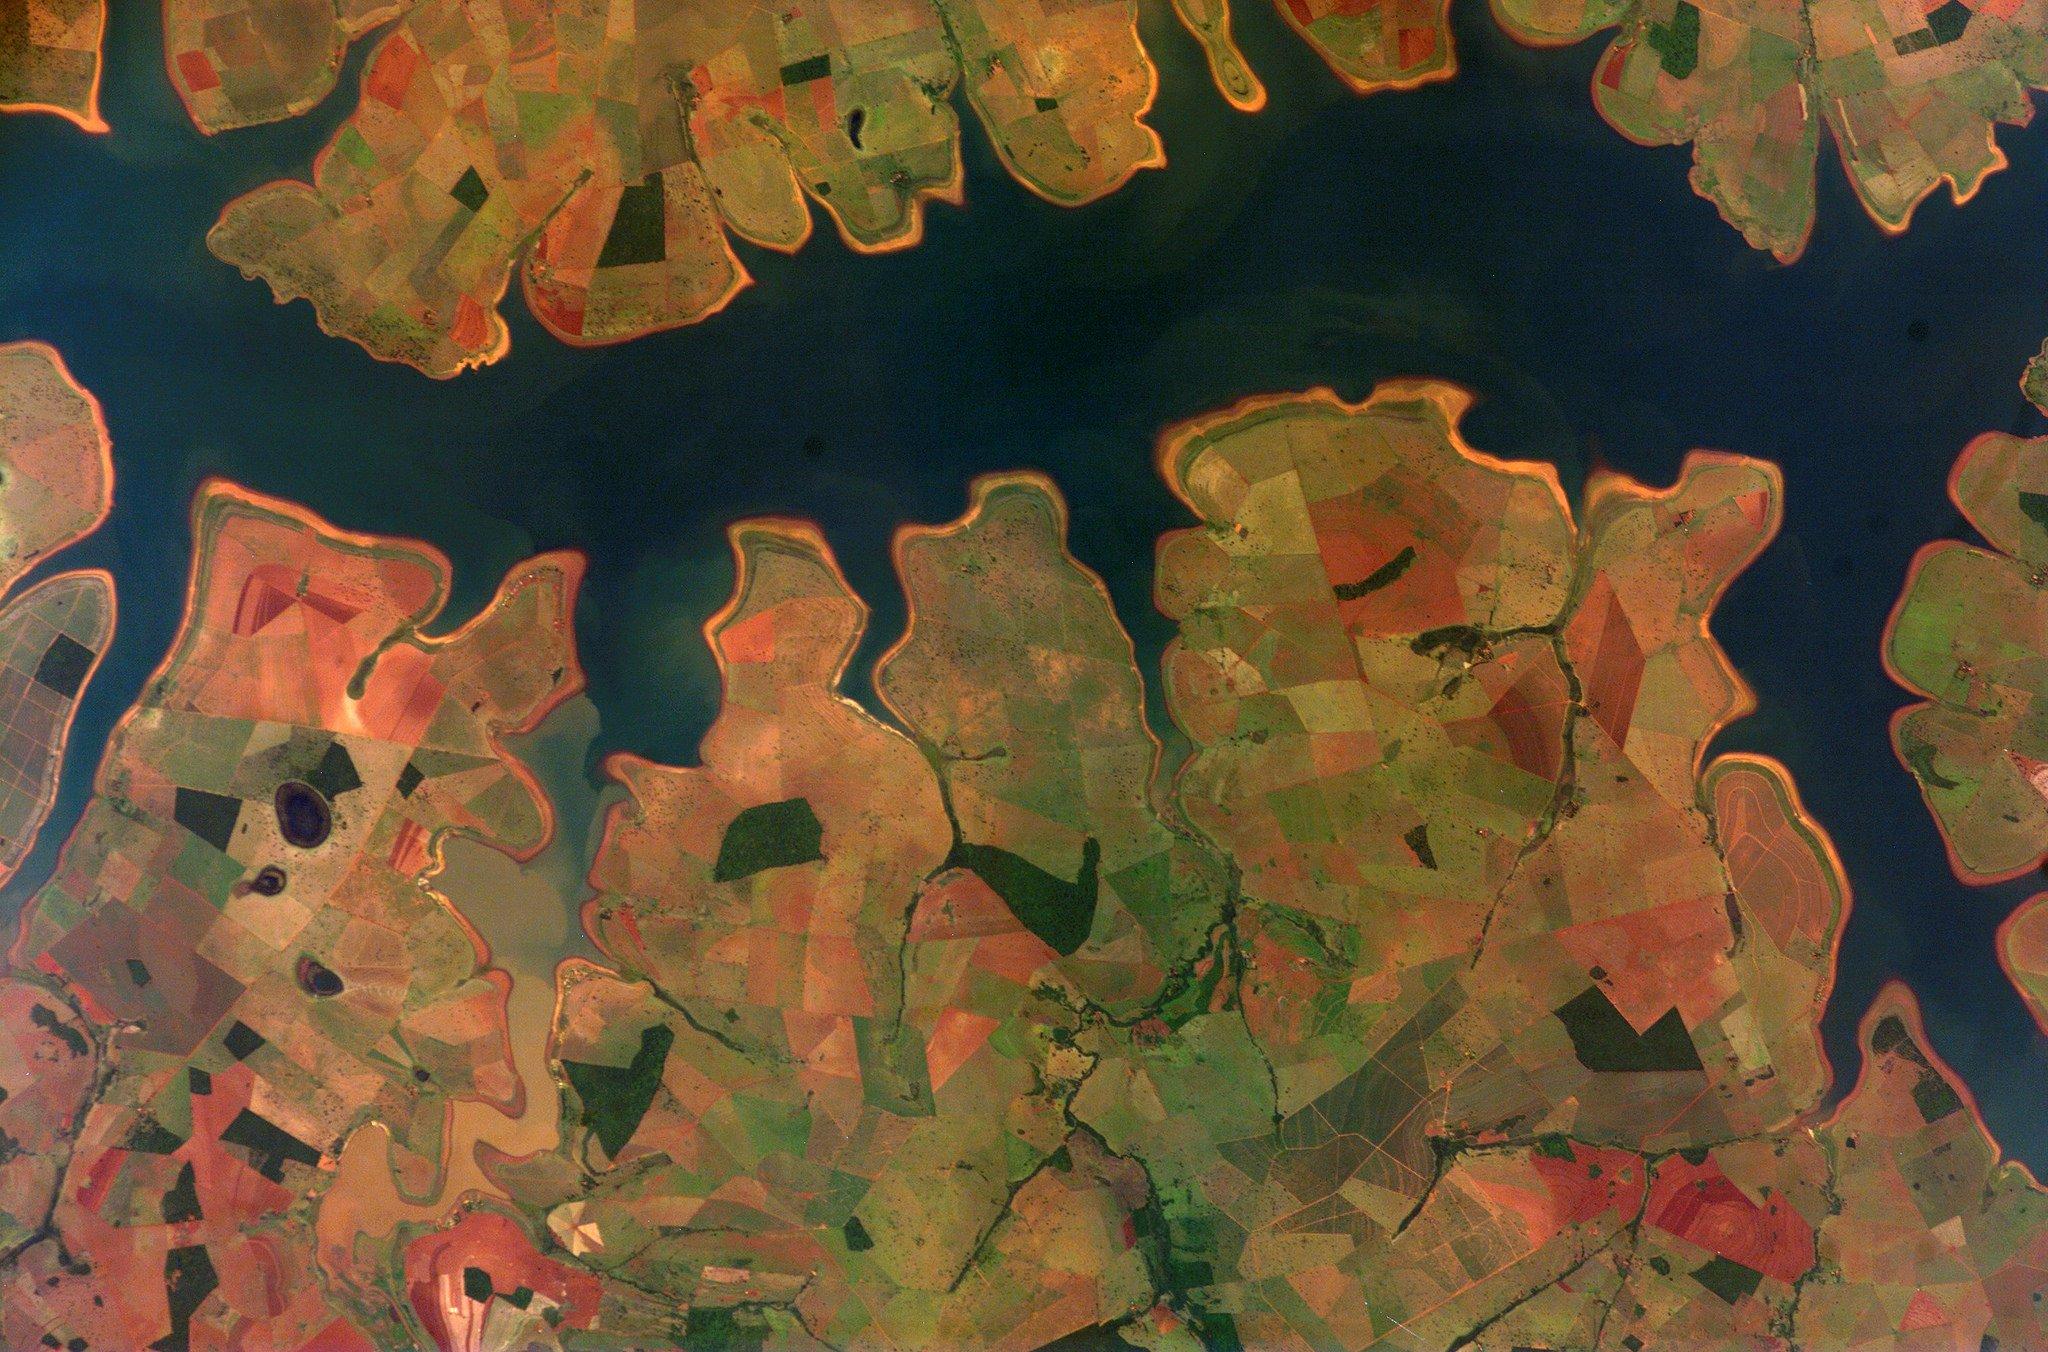 Der Stausee Sao Simao in Brasilien: Die Menschheit verbraucht mehr Ressourcen als ihr die Natur zur Verfügung stellen kann.